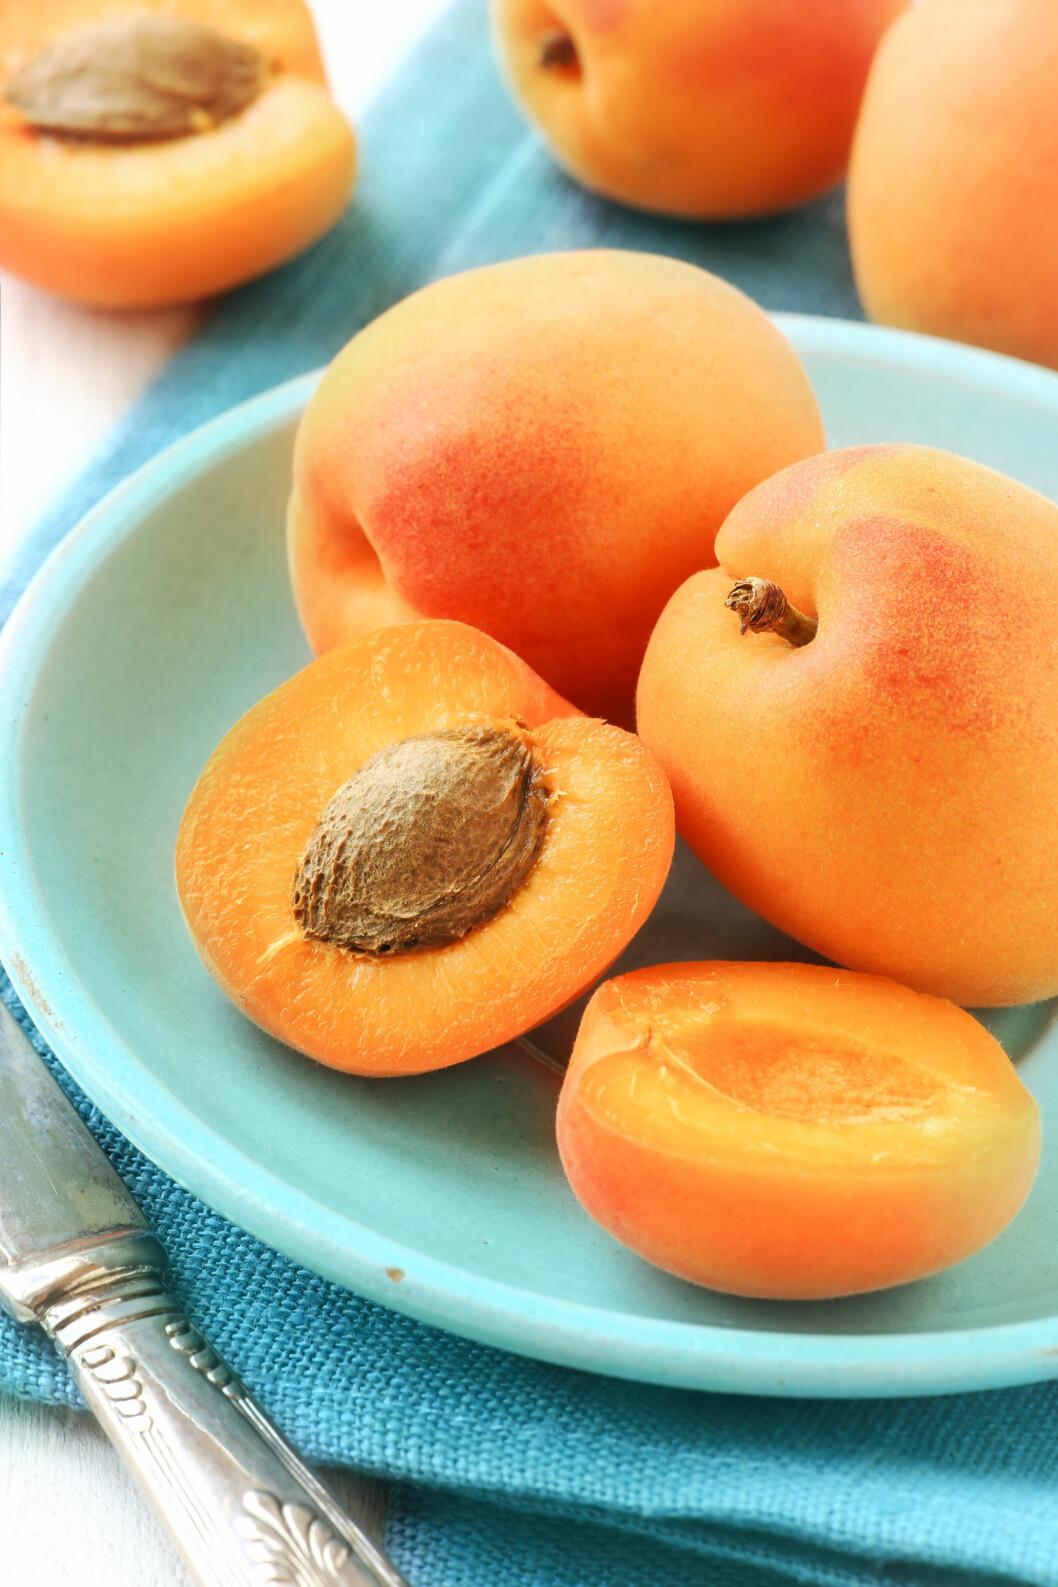 <strong>MATFOGIFTNING:</strong> Det er god grunn til å være litt ekstra obs på hva du spiser på feriereisen. Visste du for eksempel at du bør være påpasselig med frukt som spise med skallet på - som aprikos? Foto: kuvona - Fotolia